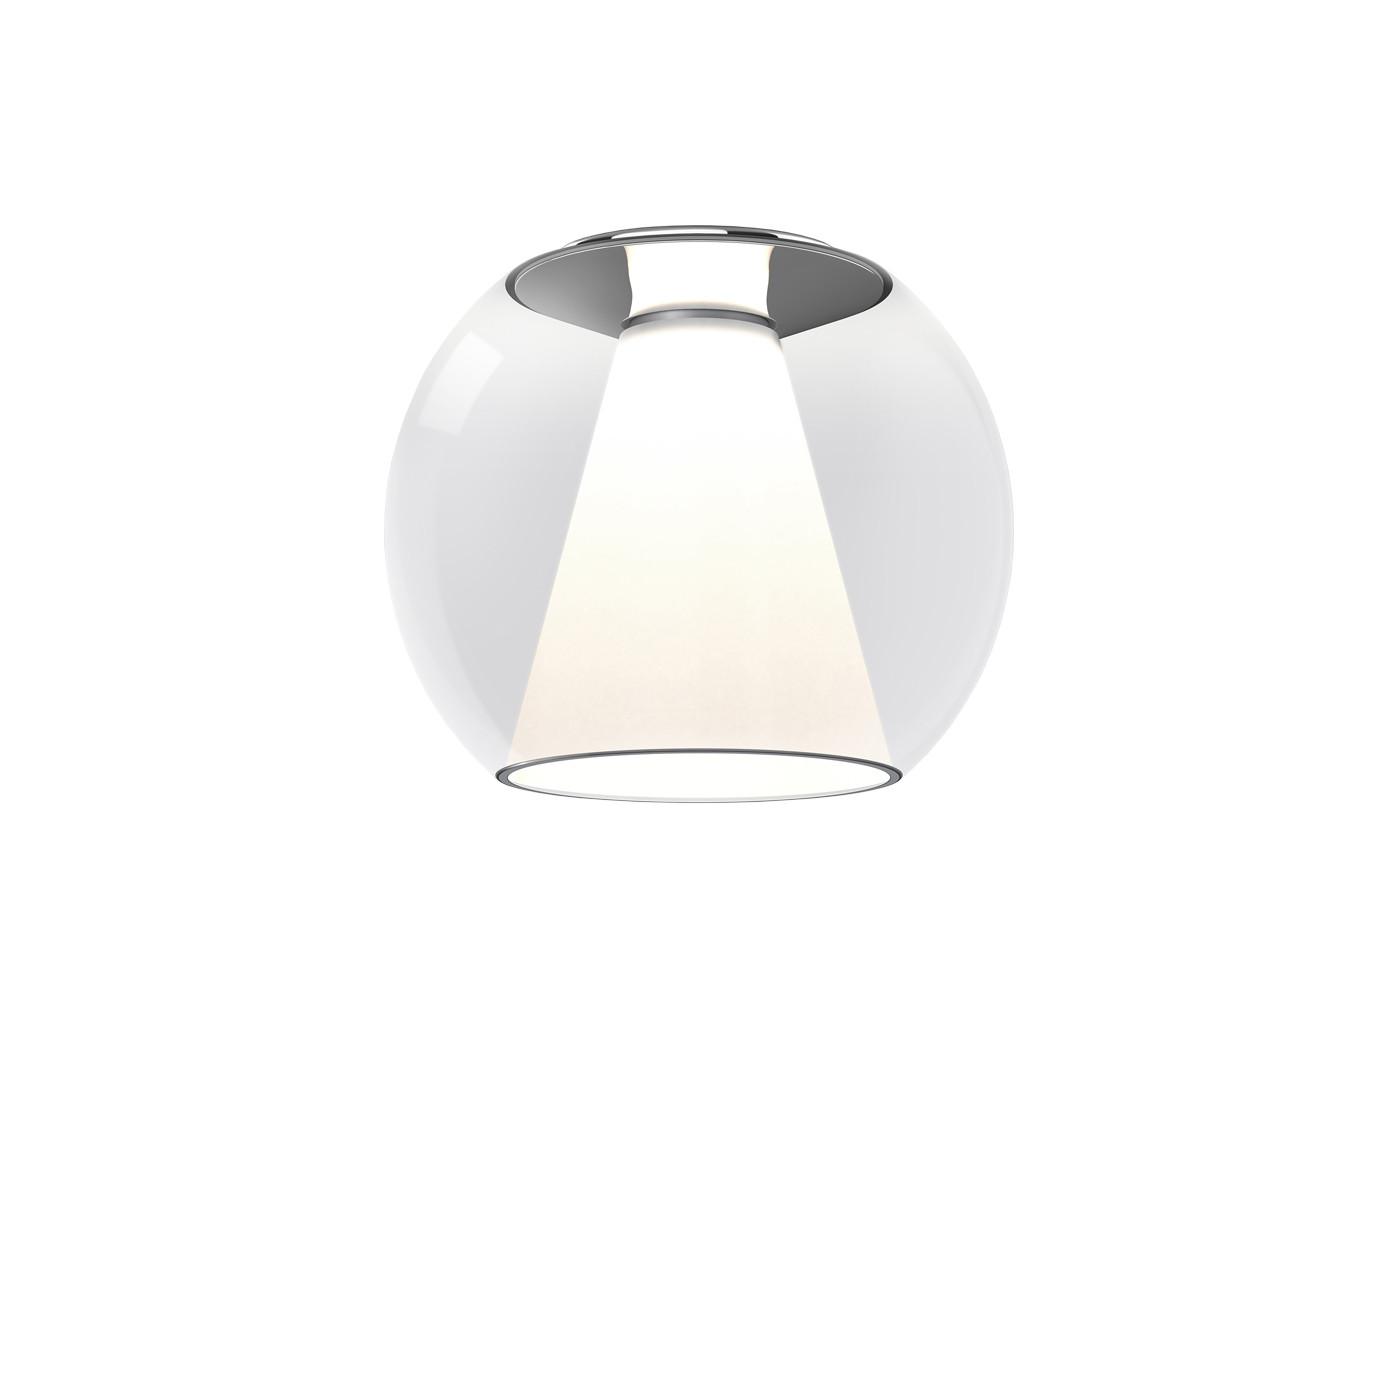 Serien Lighting Draft Ceiling S